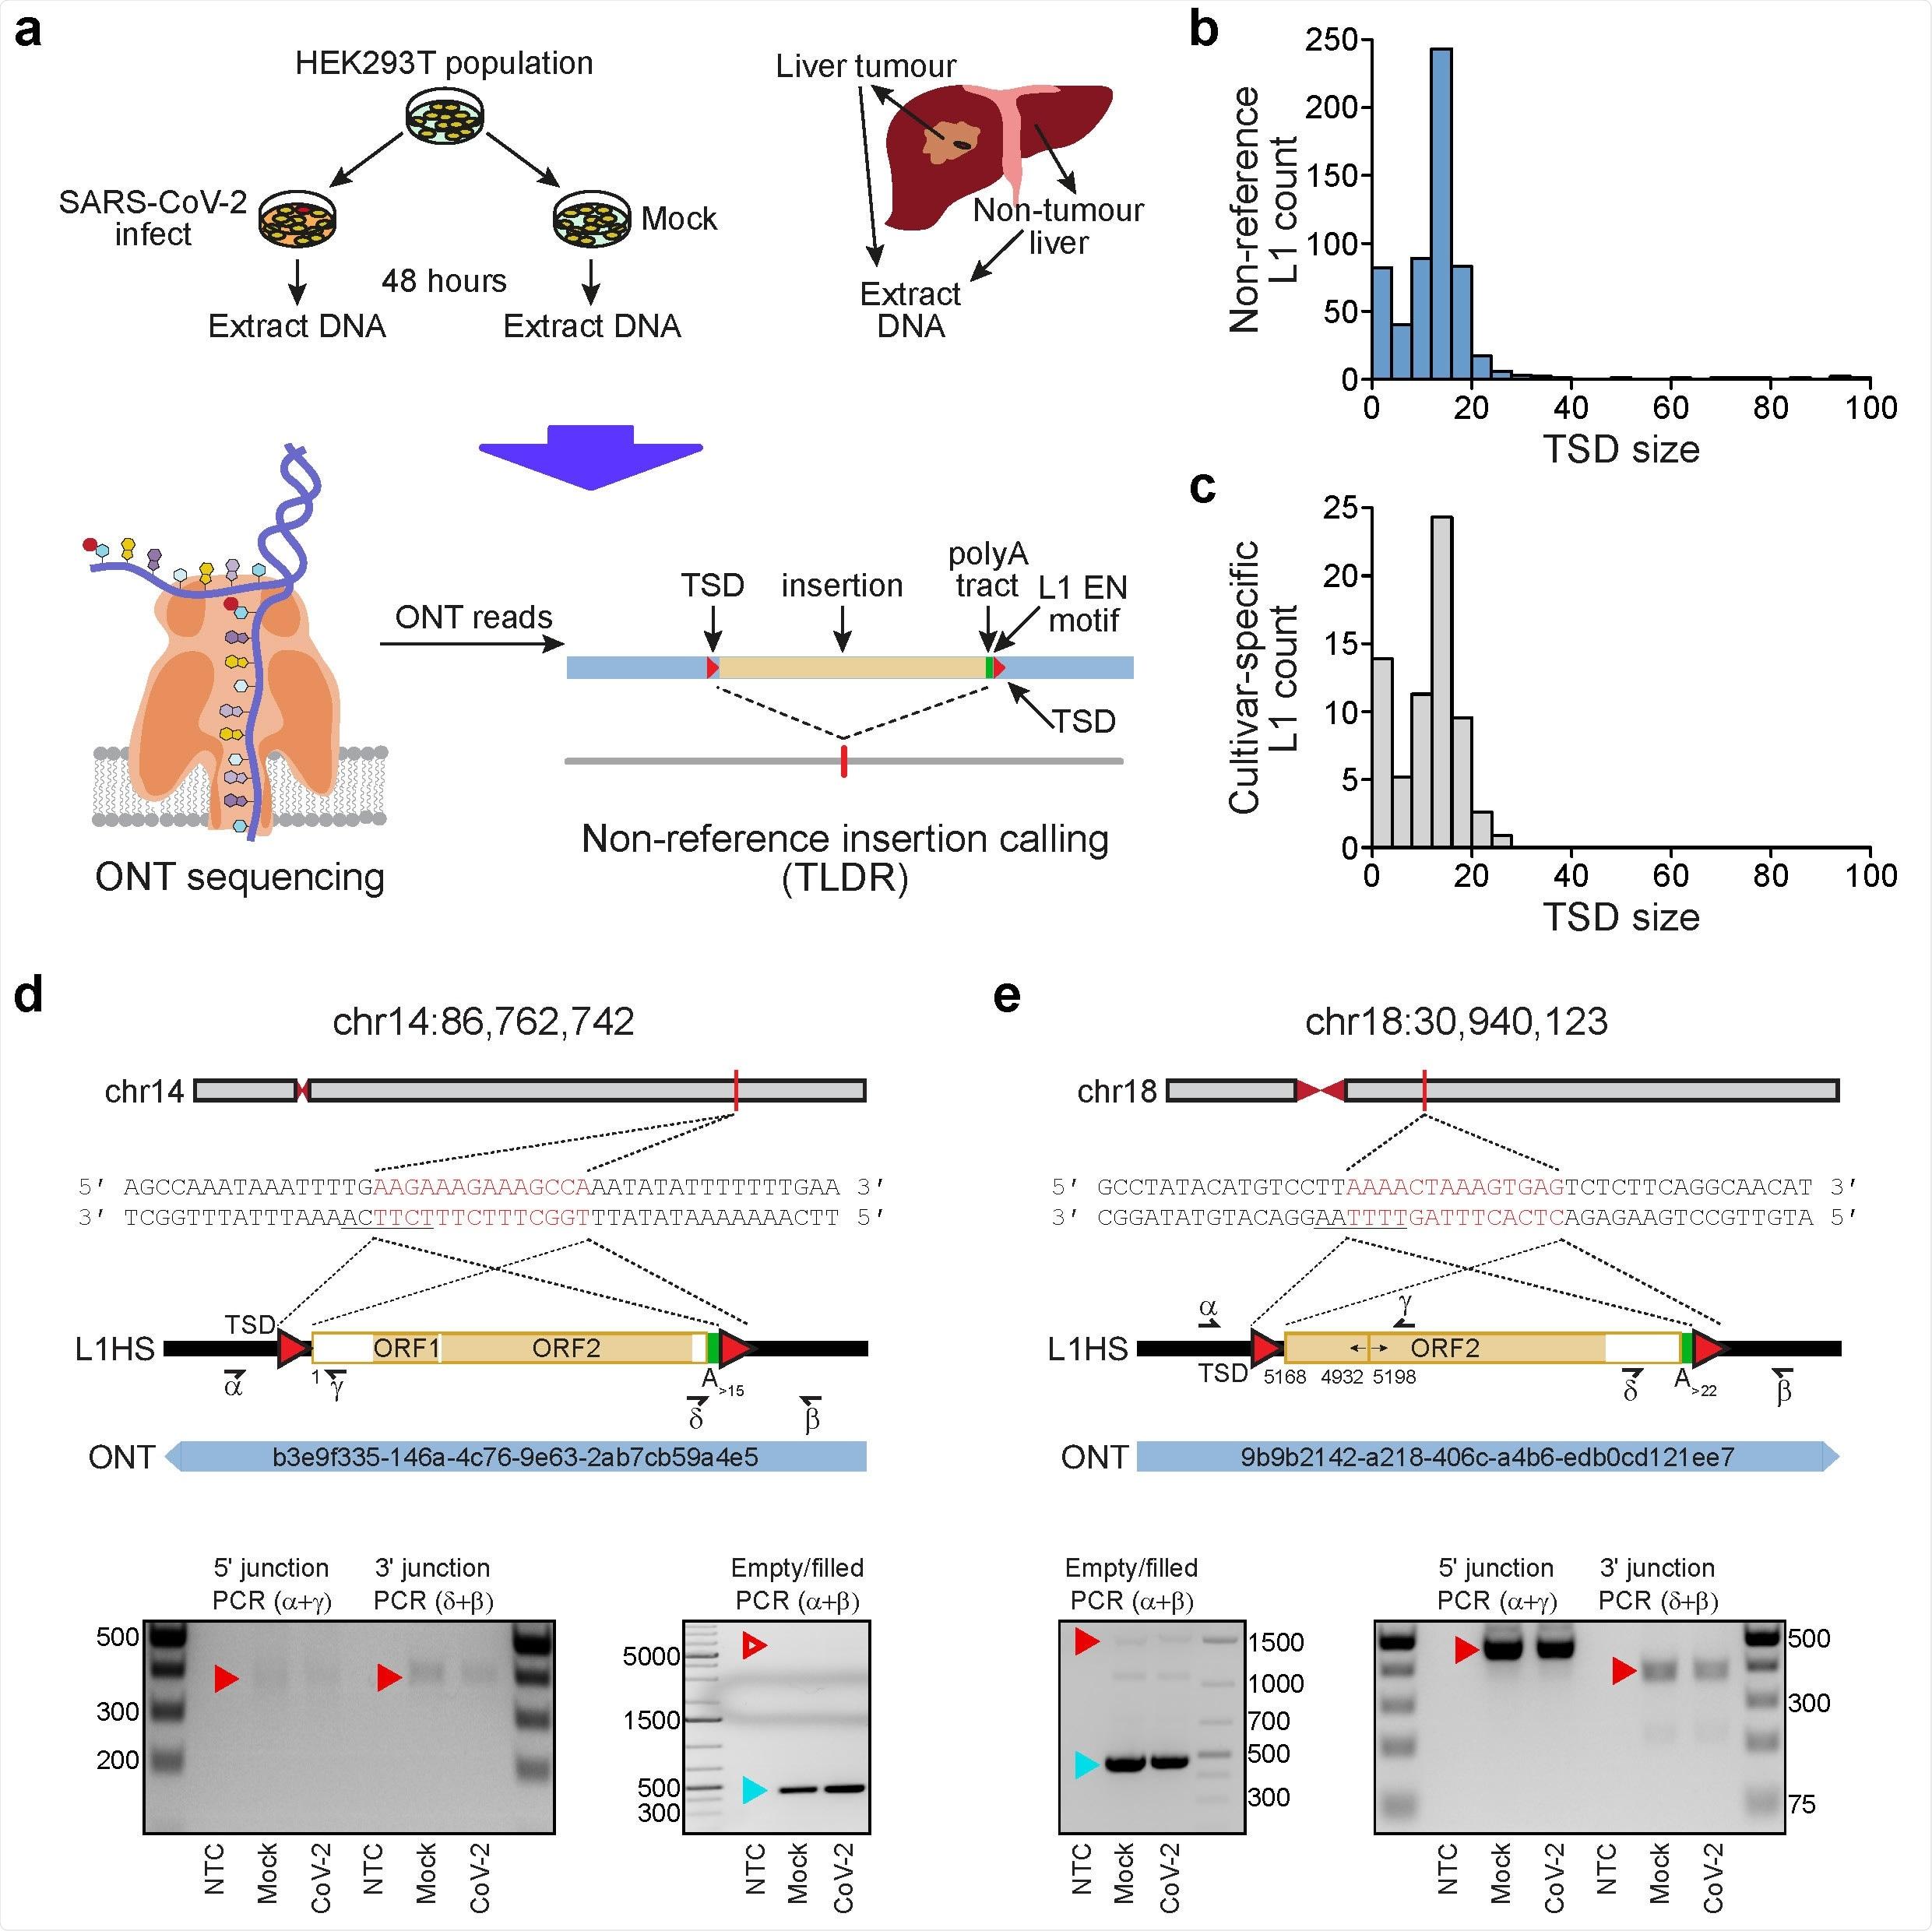 Rilevazione del retrotransposition endogeno di L1-mediated in cellule umane. a, progettazione sperimentale. Le celle di HEK- 293T sono state divise in due popolazioni (cultivar), che erano poi qualsiasi SARS-CoV-2 infettati o falso infettate. Il DNA è stato estratto da ogni cultivar come pure dai campioni pazienti di carcinoma epatocellulare ed è stato sottoposto all